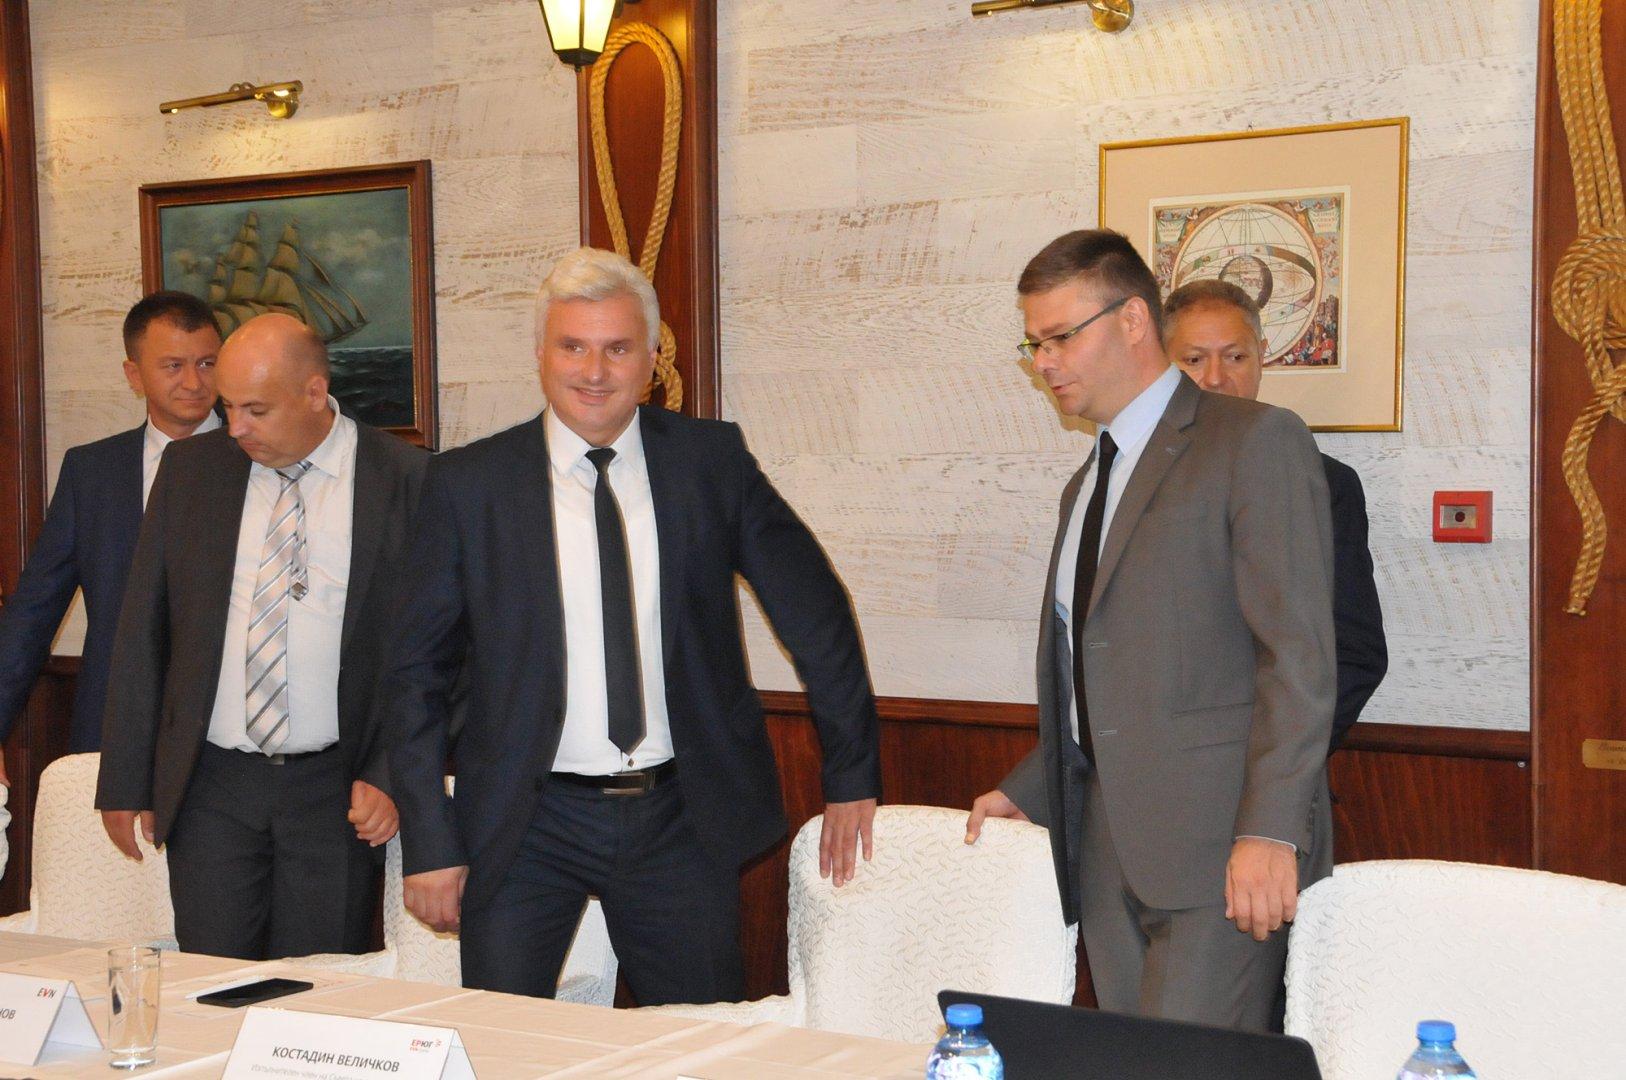 Все още не сме достигнали пика на потреблението, каза Костадин Величков (вторият отдясно наляво). Снимки Лина Главинова